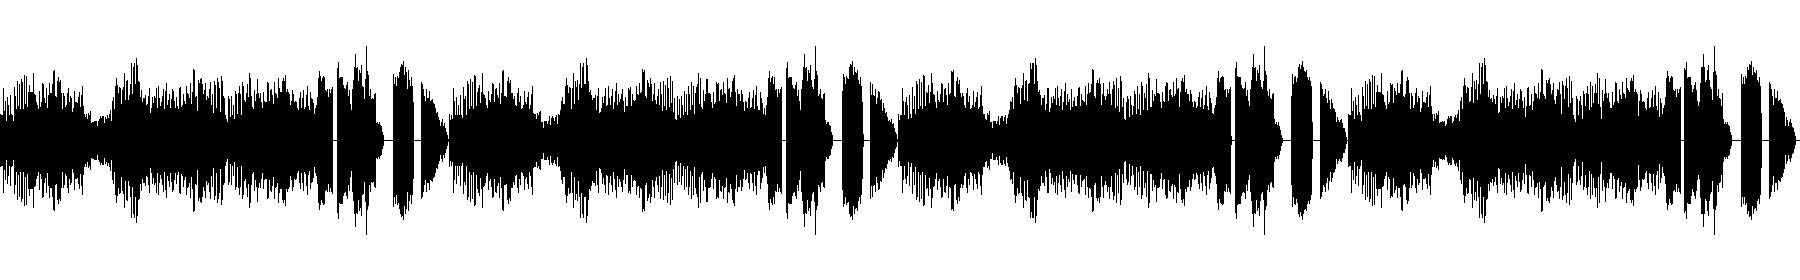 151 hallucinating stutter vox